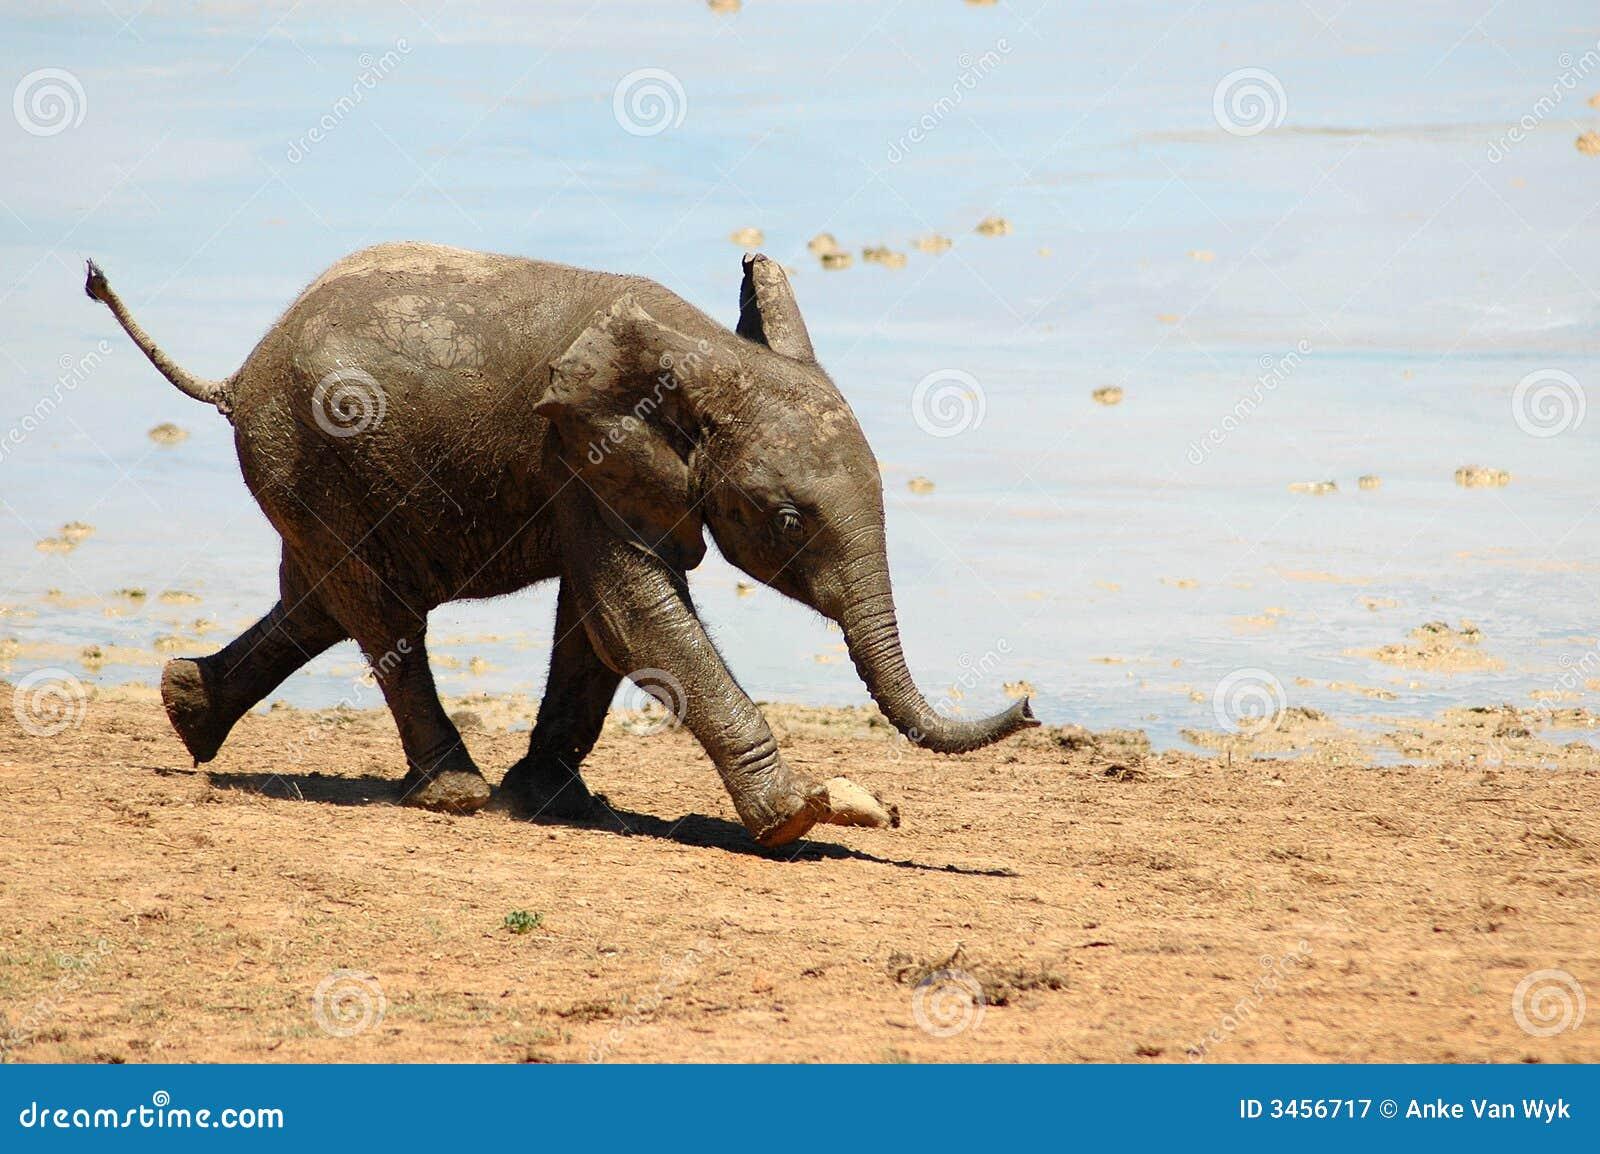 Baby Elephant Royalty Free Stock Photography Image 3456717